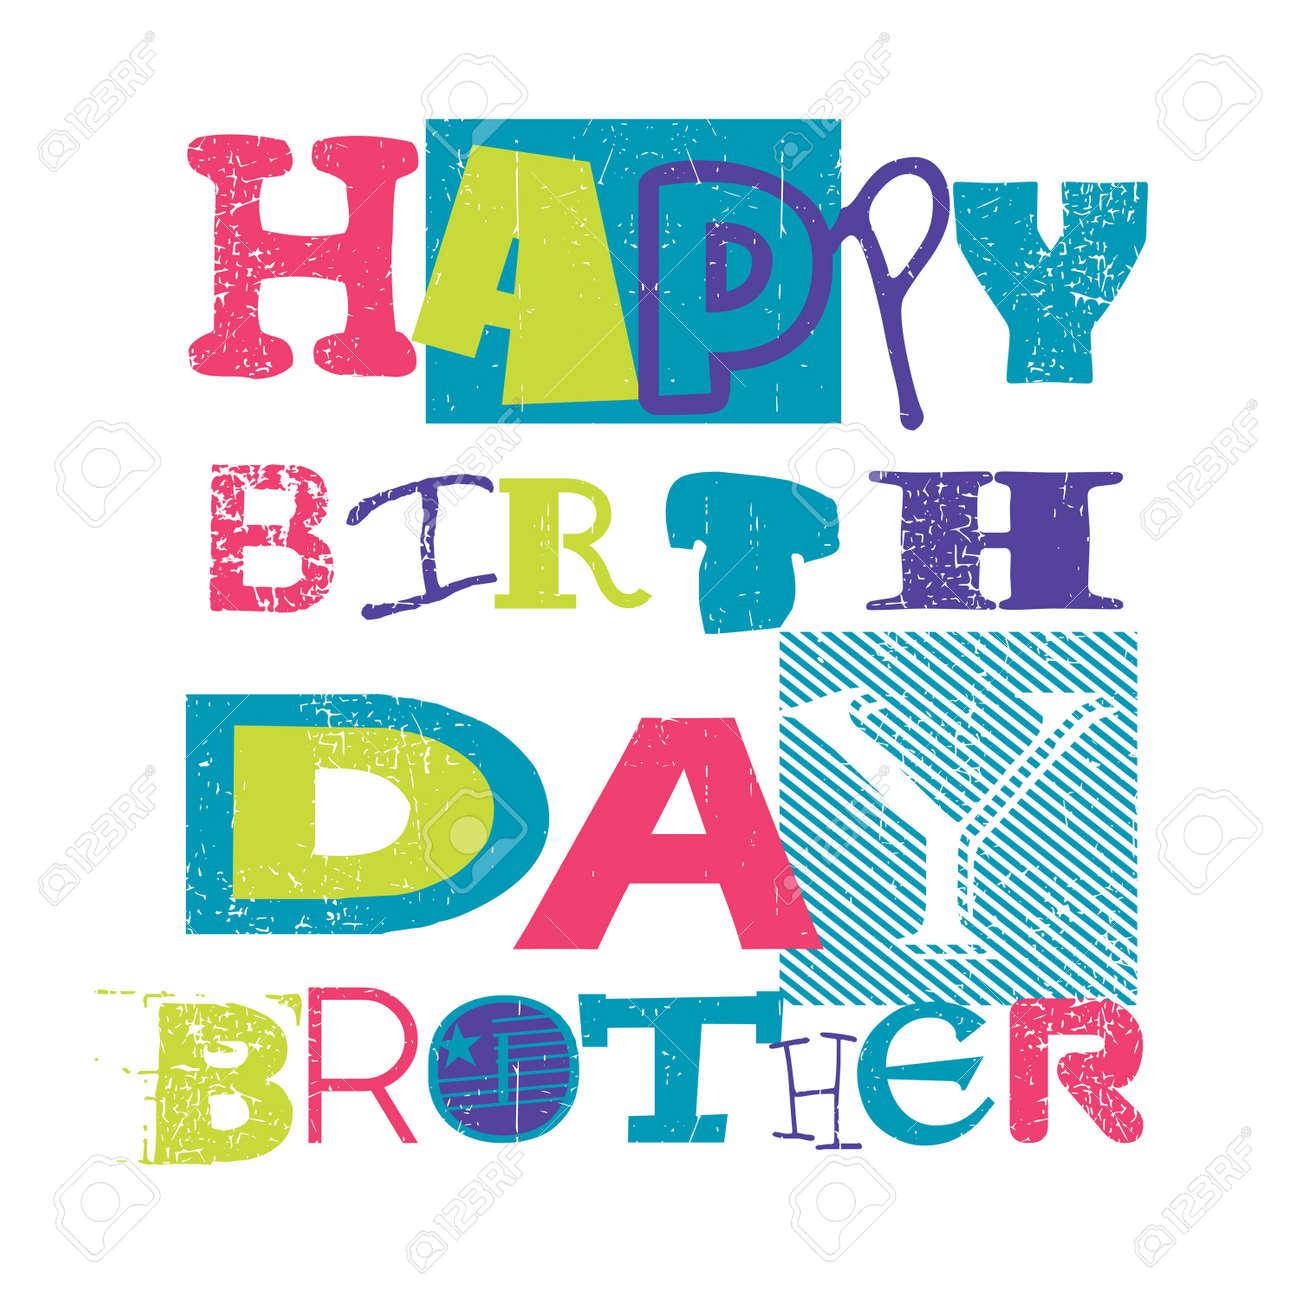 Happy Birthday CardHappy Birthday Brother Vector Illustration – Happy Birthday Card for Brother